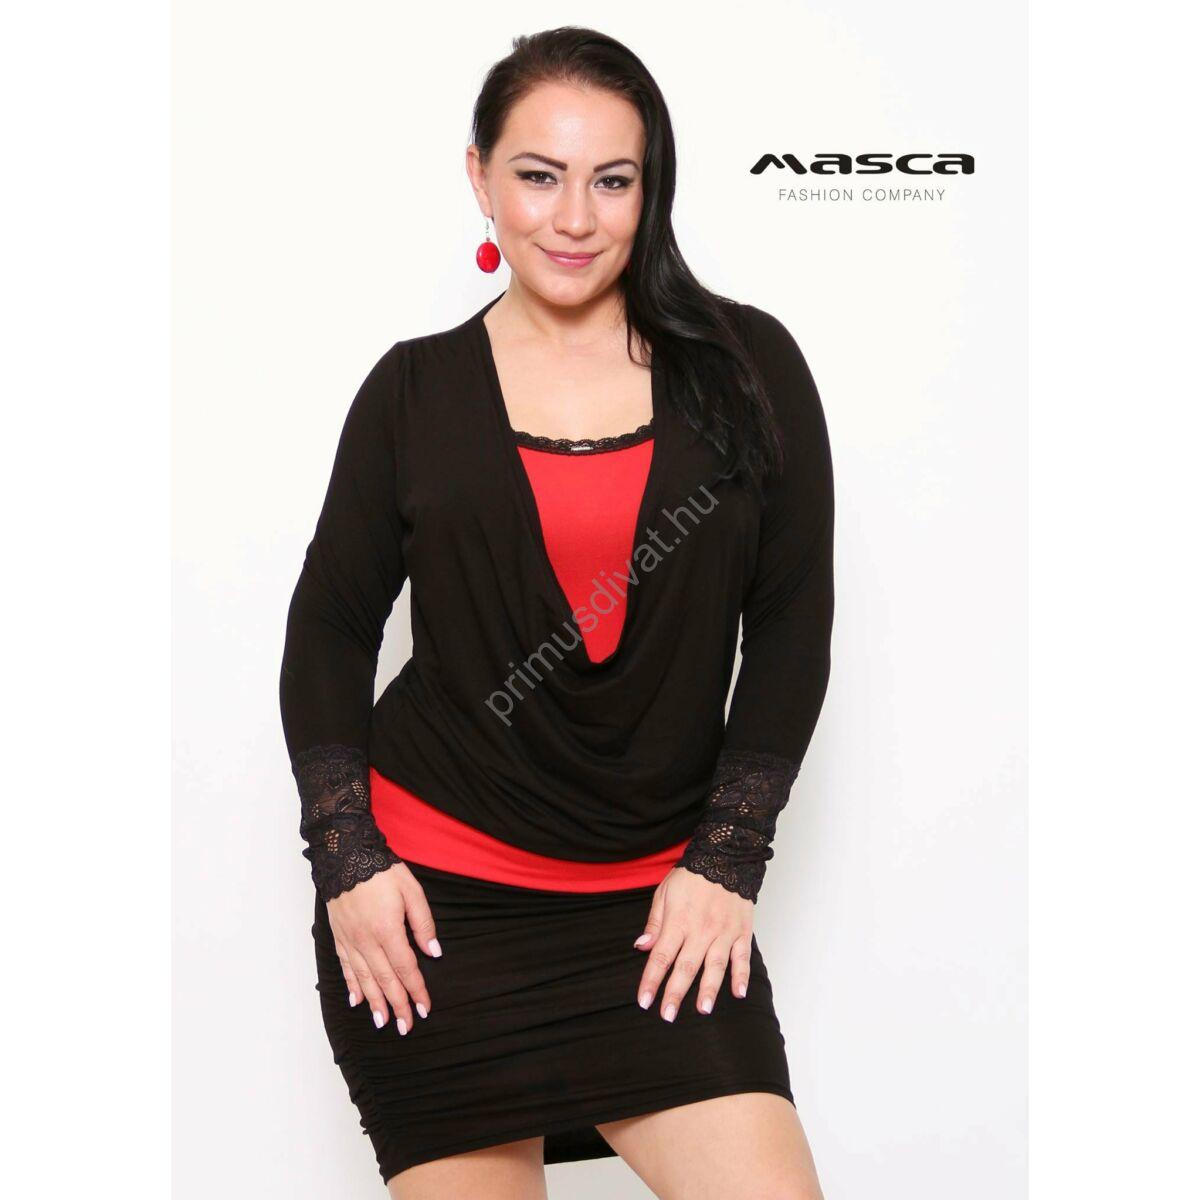 e5f2a7dda1 Kép 1/1 - Masca Fashion piros betétes kámzsanyakú fekete hosszú ujjú  miniruha, csipkeszegély díszítésekkel, gumiszalaggal ráncolt szoknyarésszel